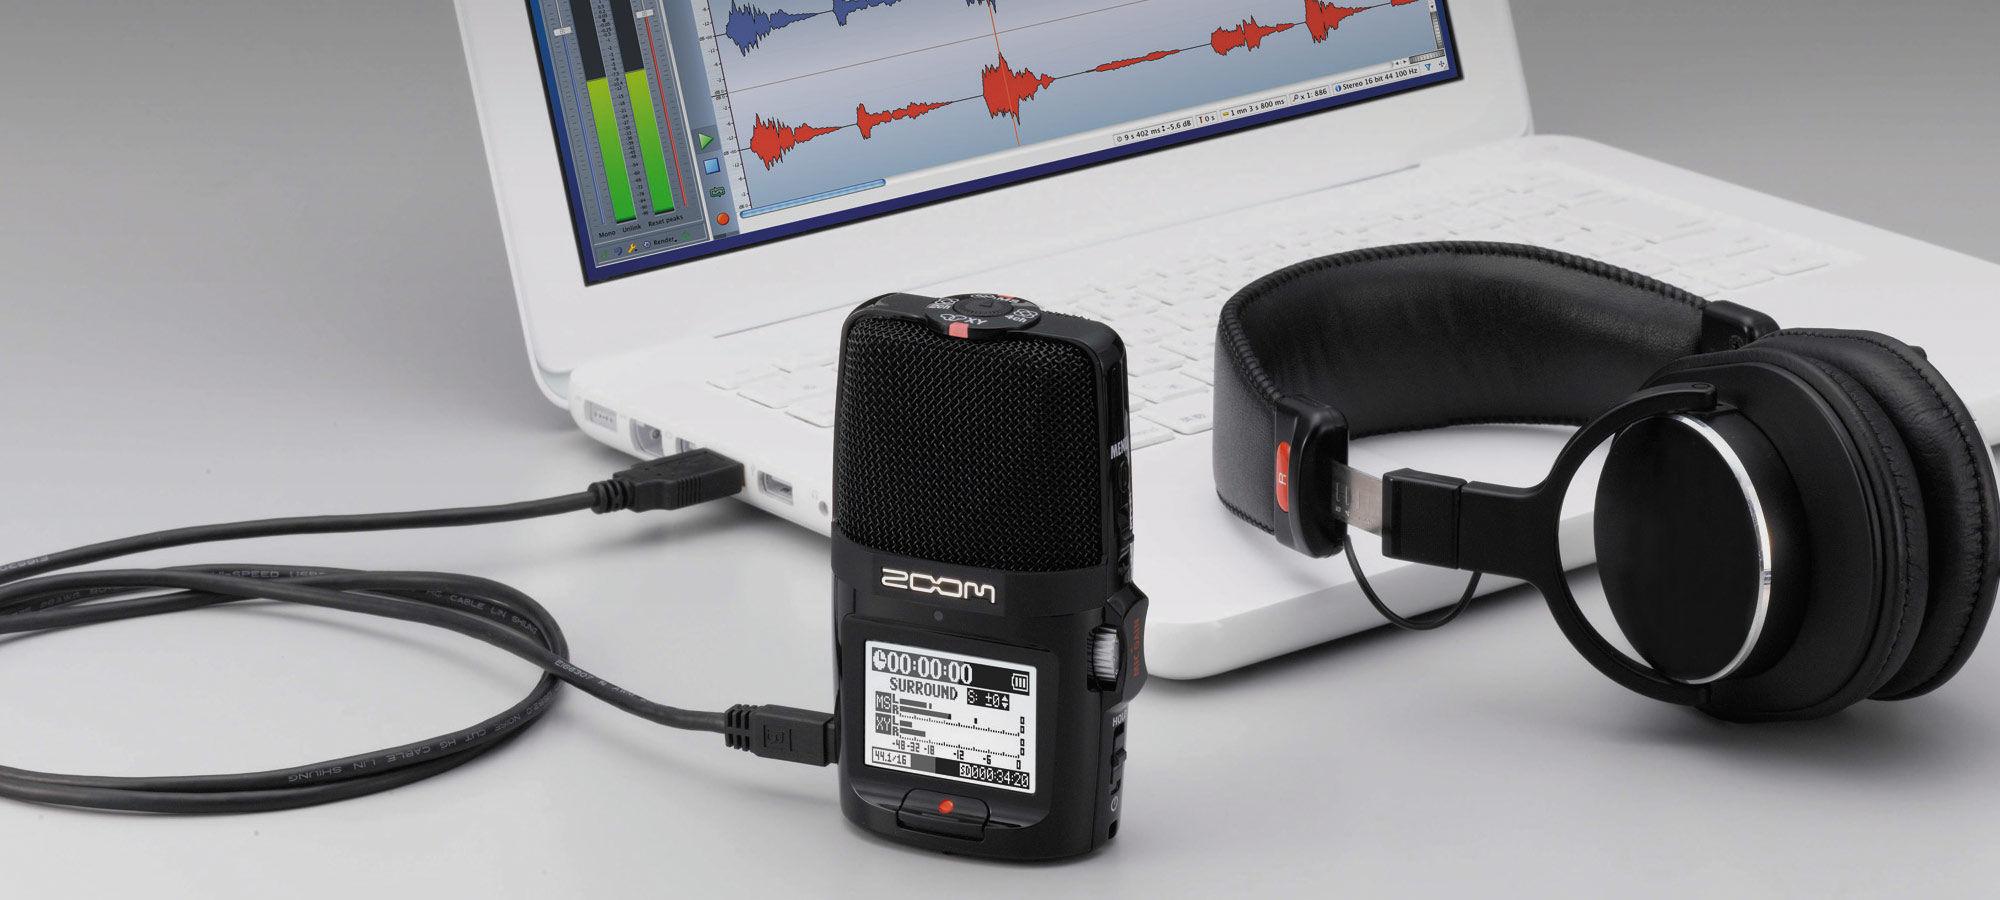 Zoom H2n Firmware Update 2 00 Installation – Iowa City Technology